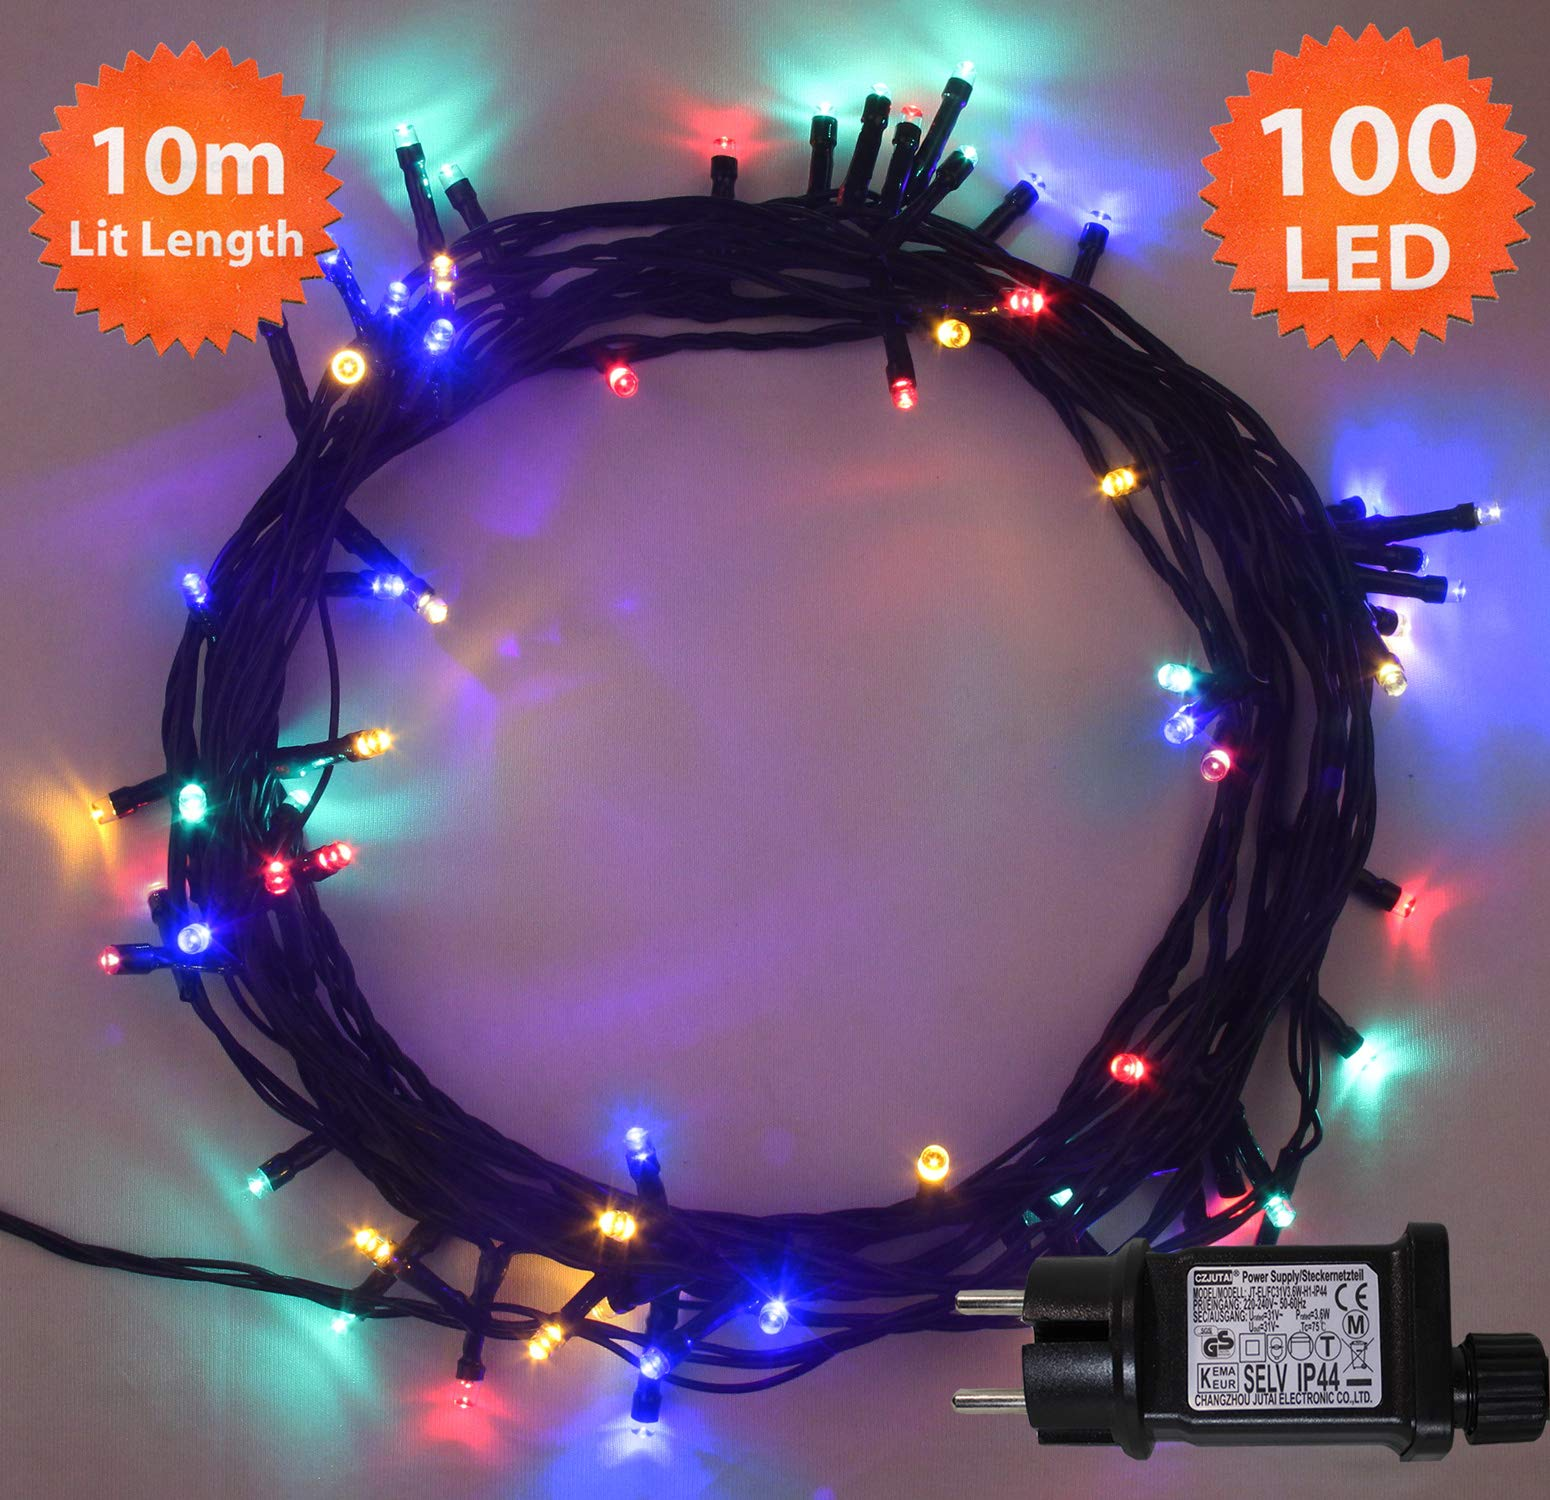 538bd925485 Luces de hadas de Navidad 100 LED Multicolor luces de árbol de interior y  al aire libre de luces de cadena de Navidad 10m 33ft iluminado longitud con  cable ...